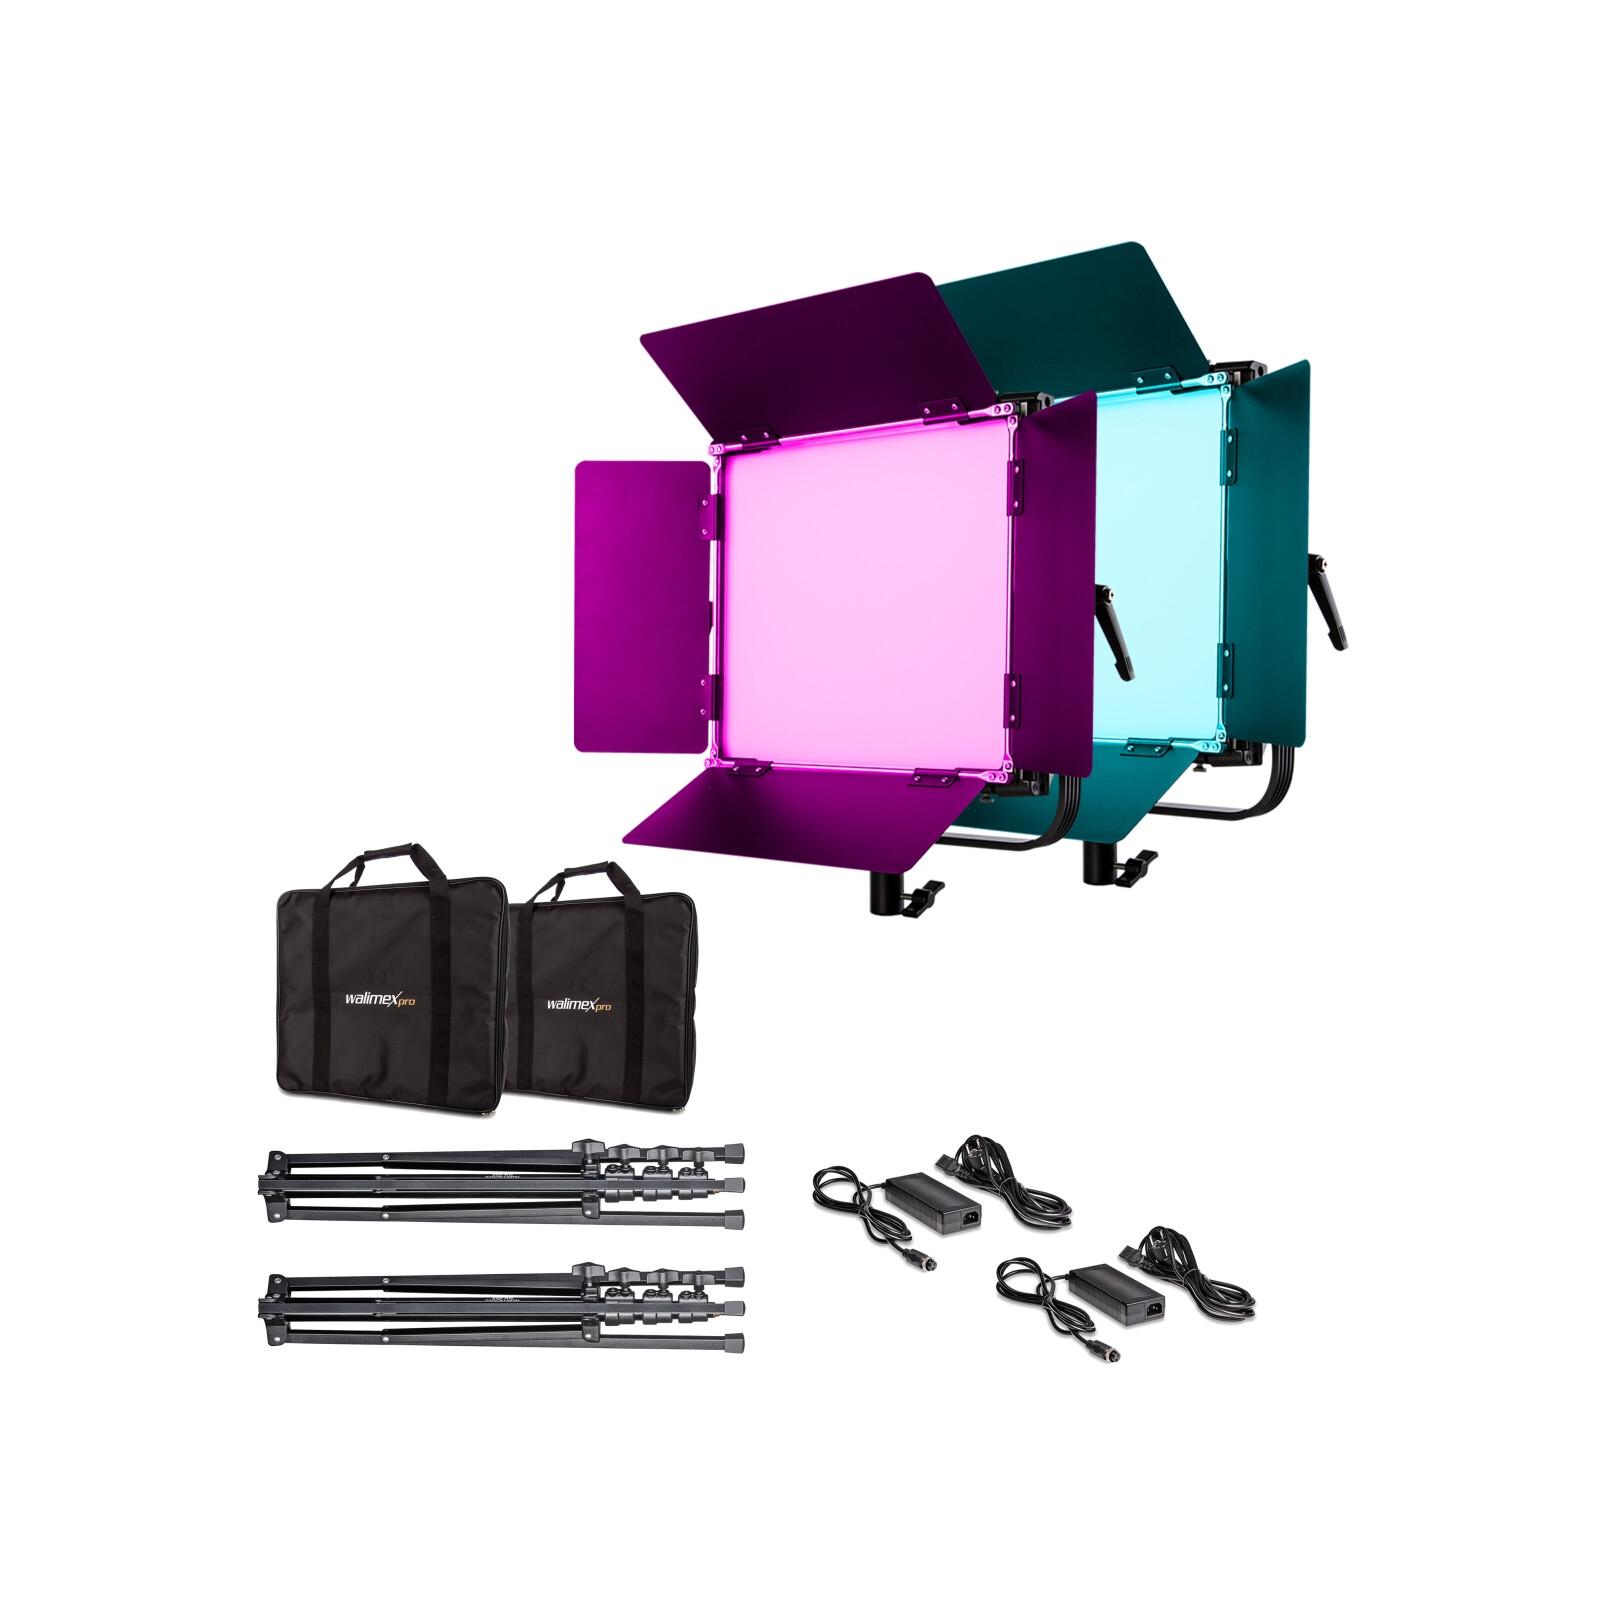 Walimex pro LED Rainbow 100W RGBWW Set 2 (2x Rainbow 100W, 2